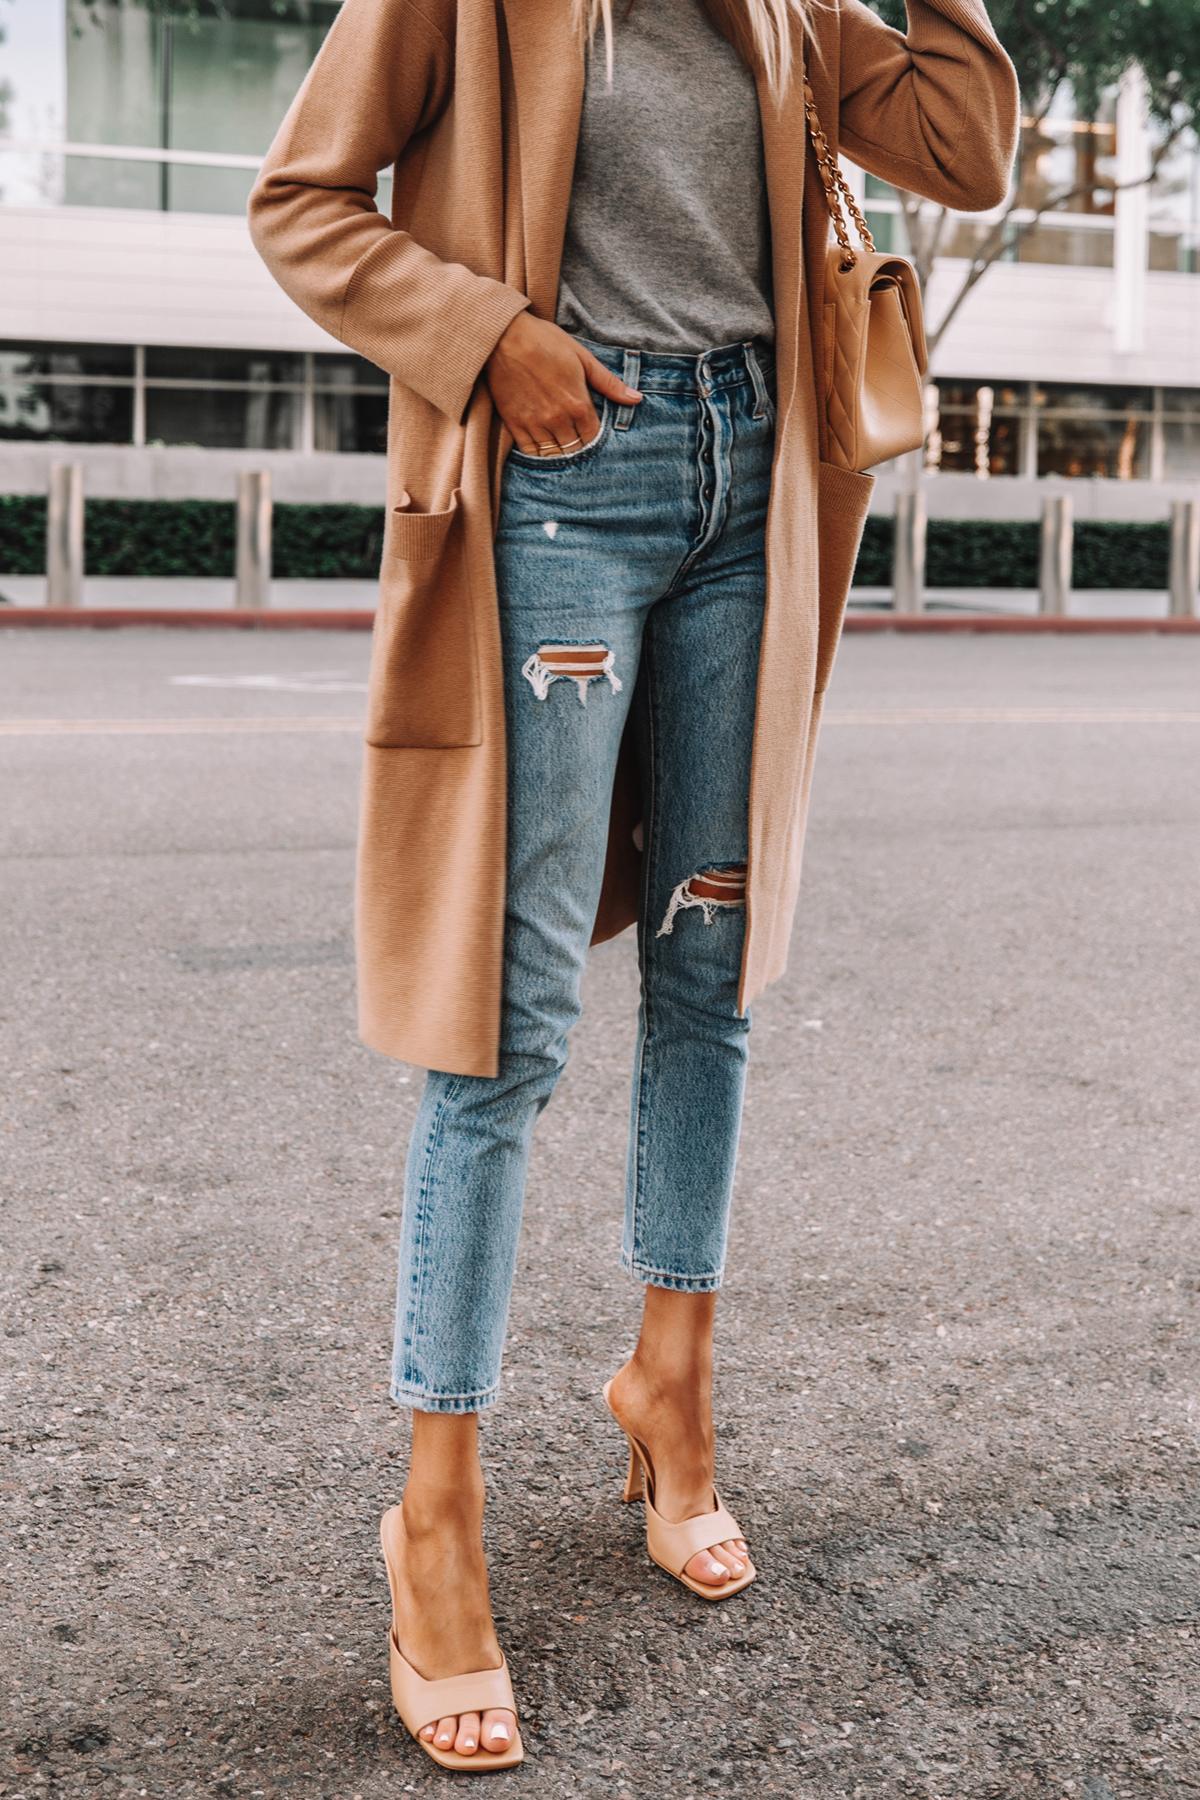 Fashion Jackson Wearing Jcrew Ella Long Sweater Blazer Grey Sweater Levis 501 Ripped Skinny Jeans Nude Heeled Sandals 1